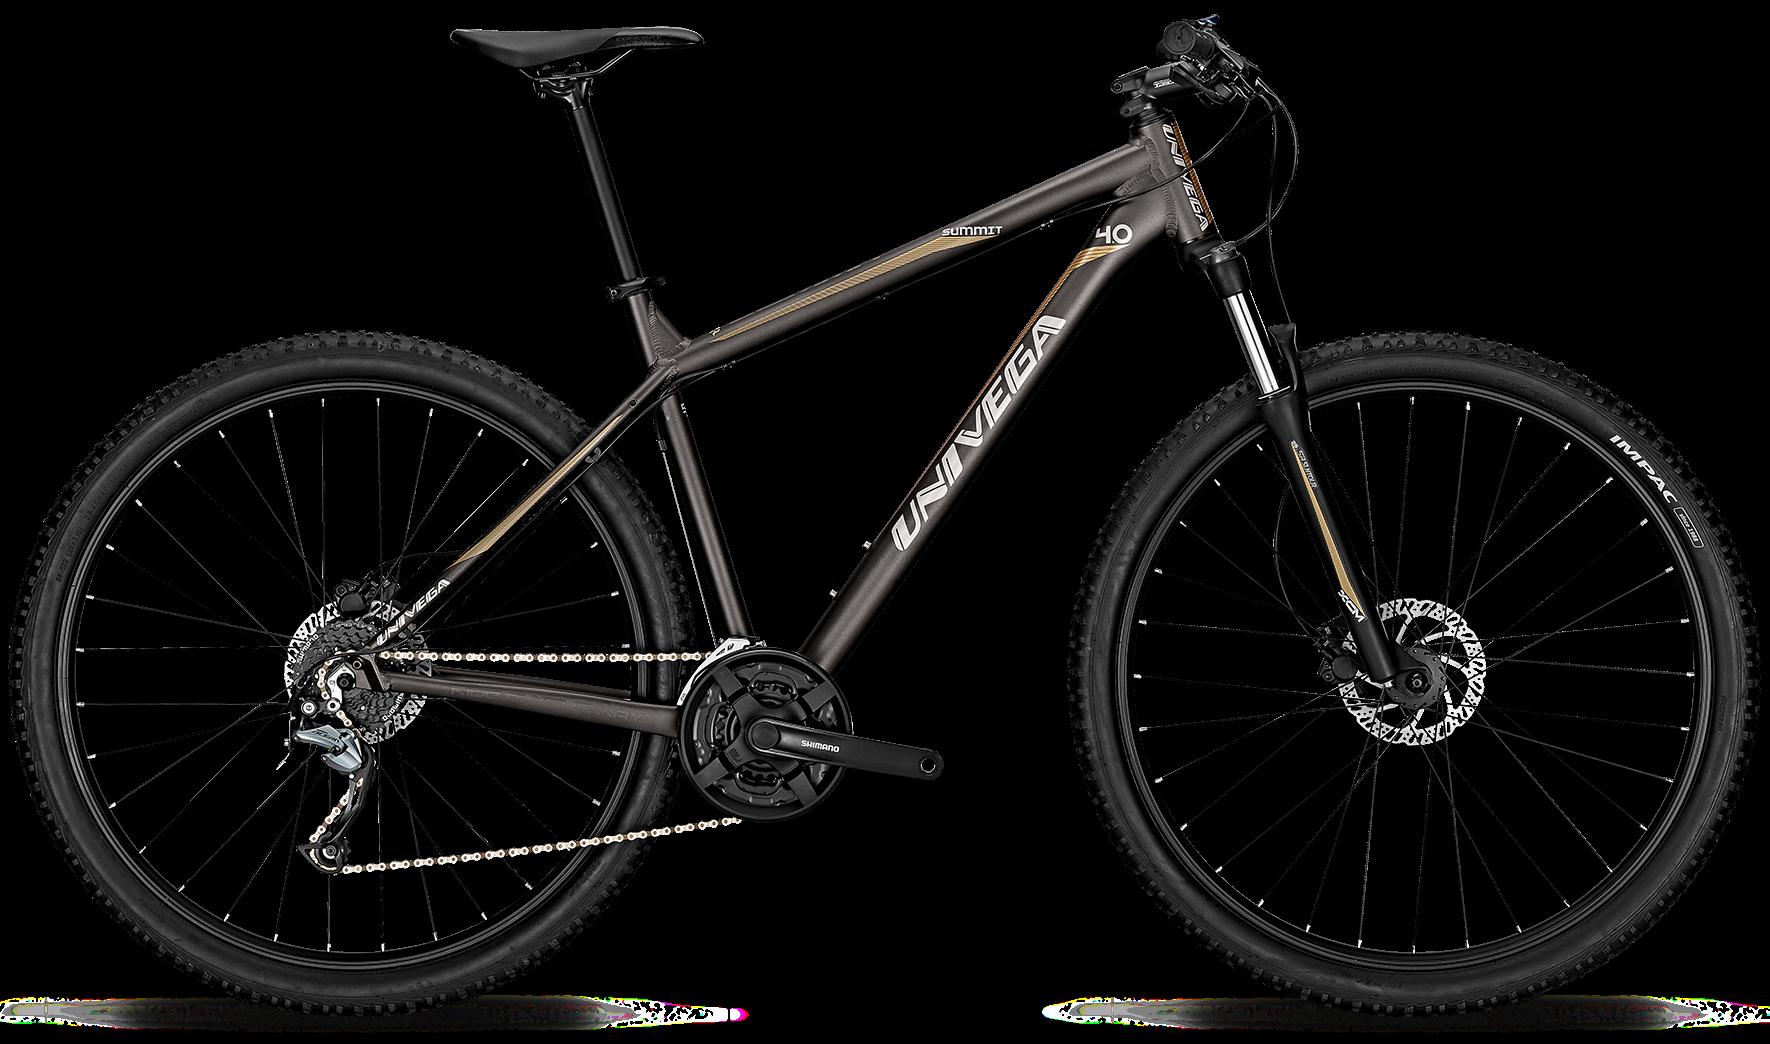 Велосипед UNIVEGA SUMMIT 4.0 2018 atlas grey matt, Велосипеды - арт. 1028600390